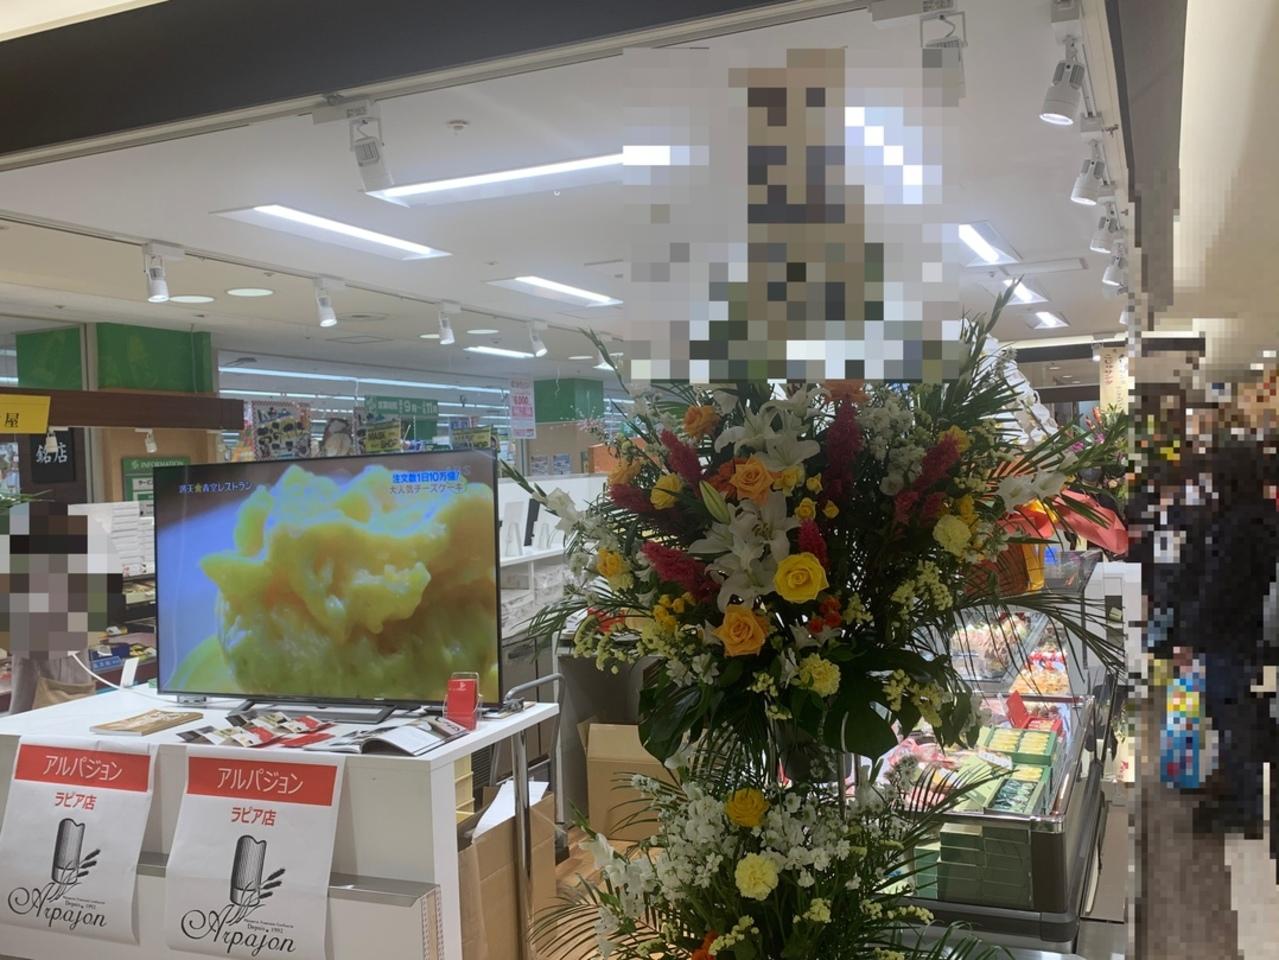 【青森県八戸市】「アルパジョン ラピア店」 20.12.31オープンしました!